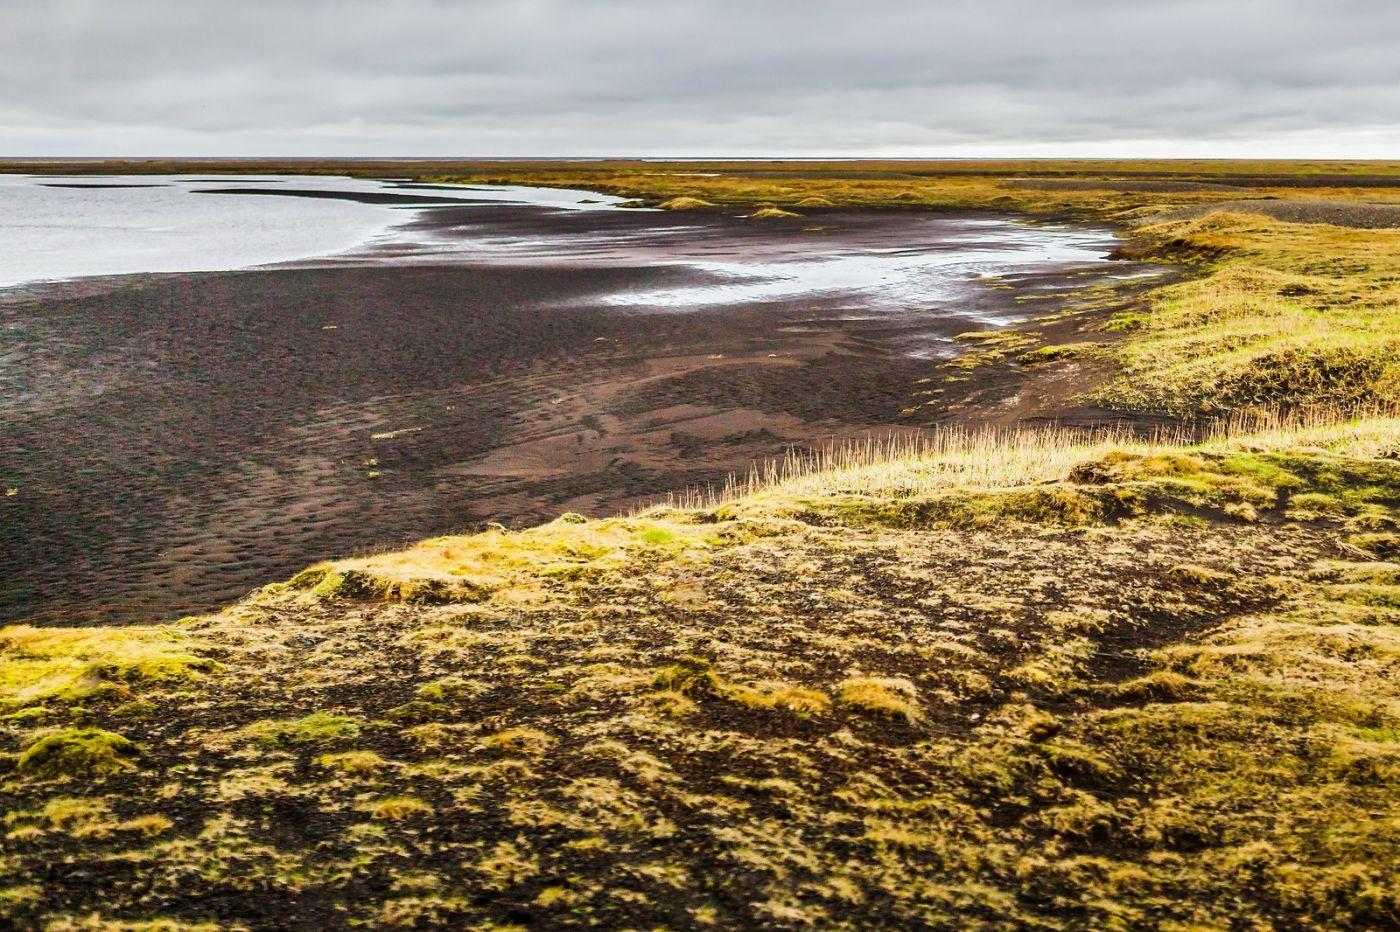 冰岛风采,那一片水景_图1-7